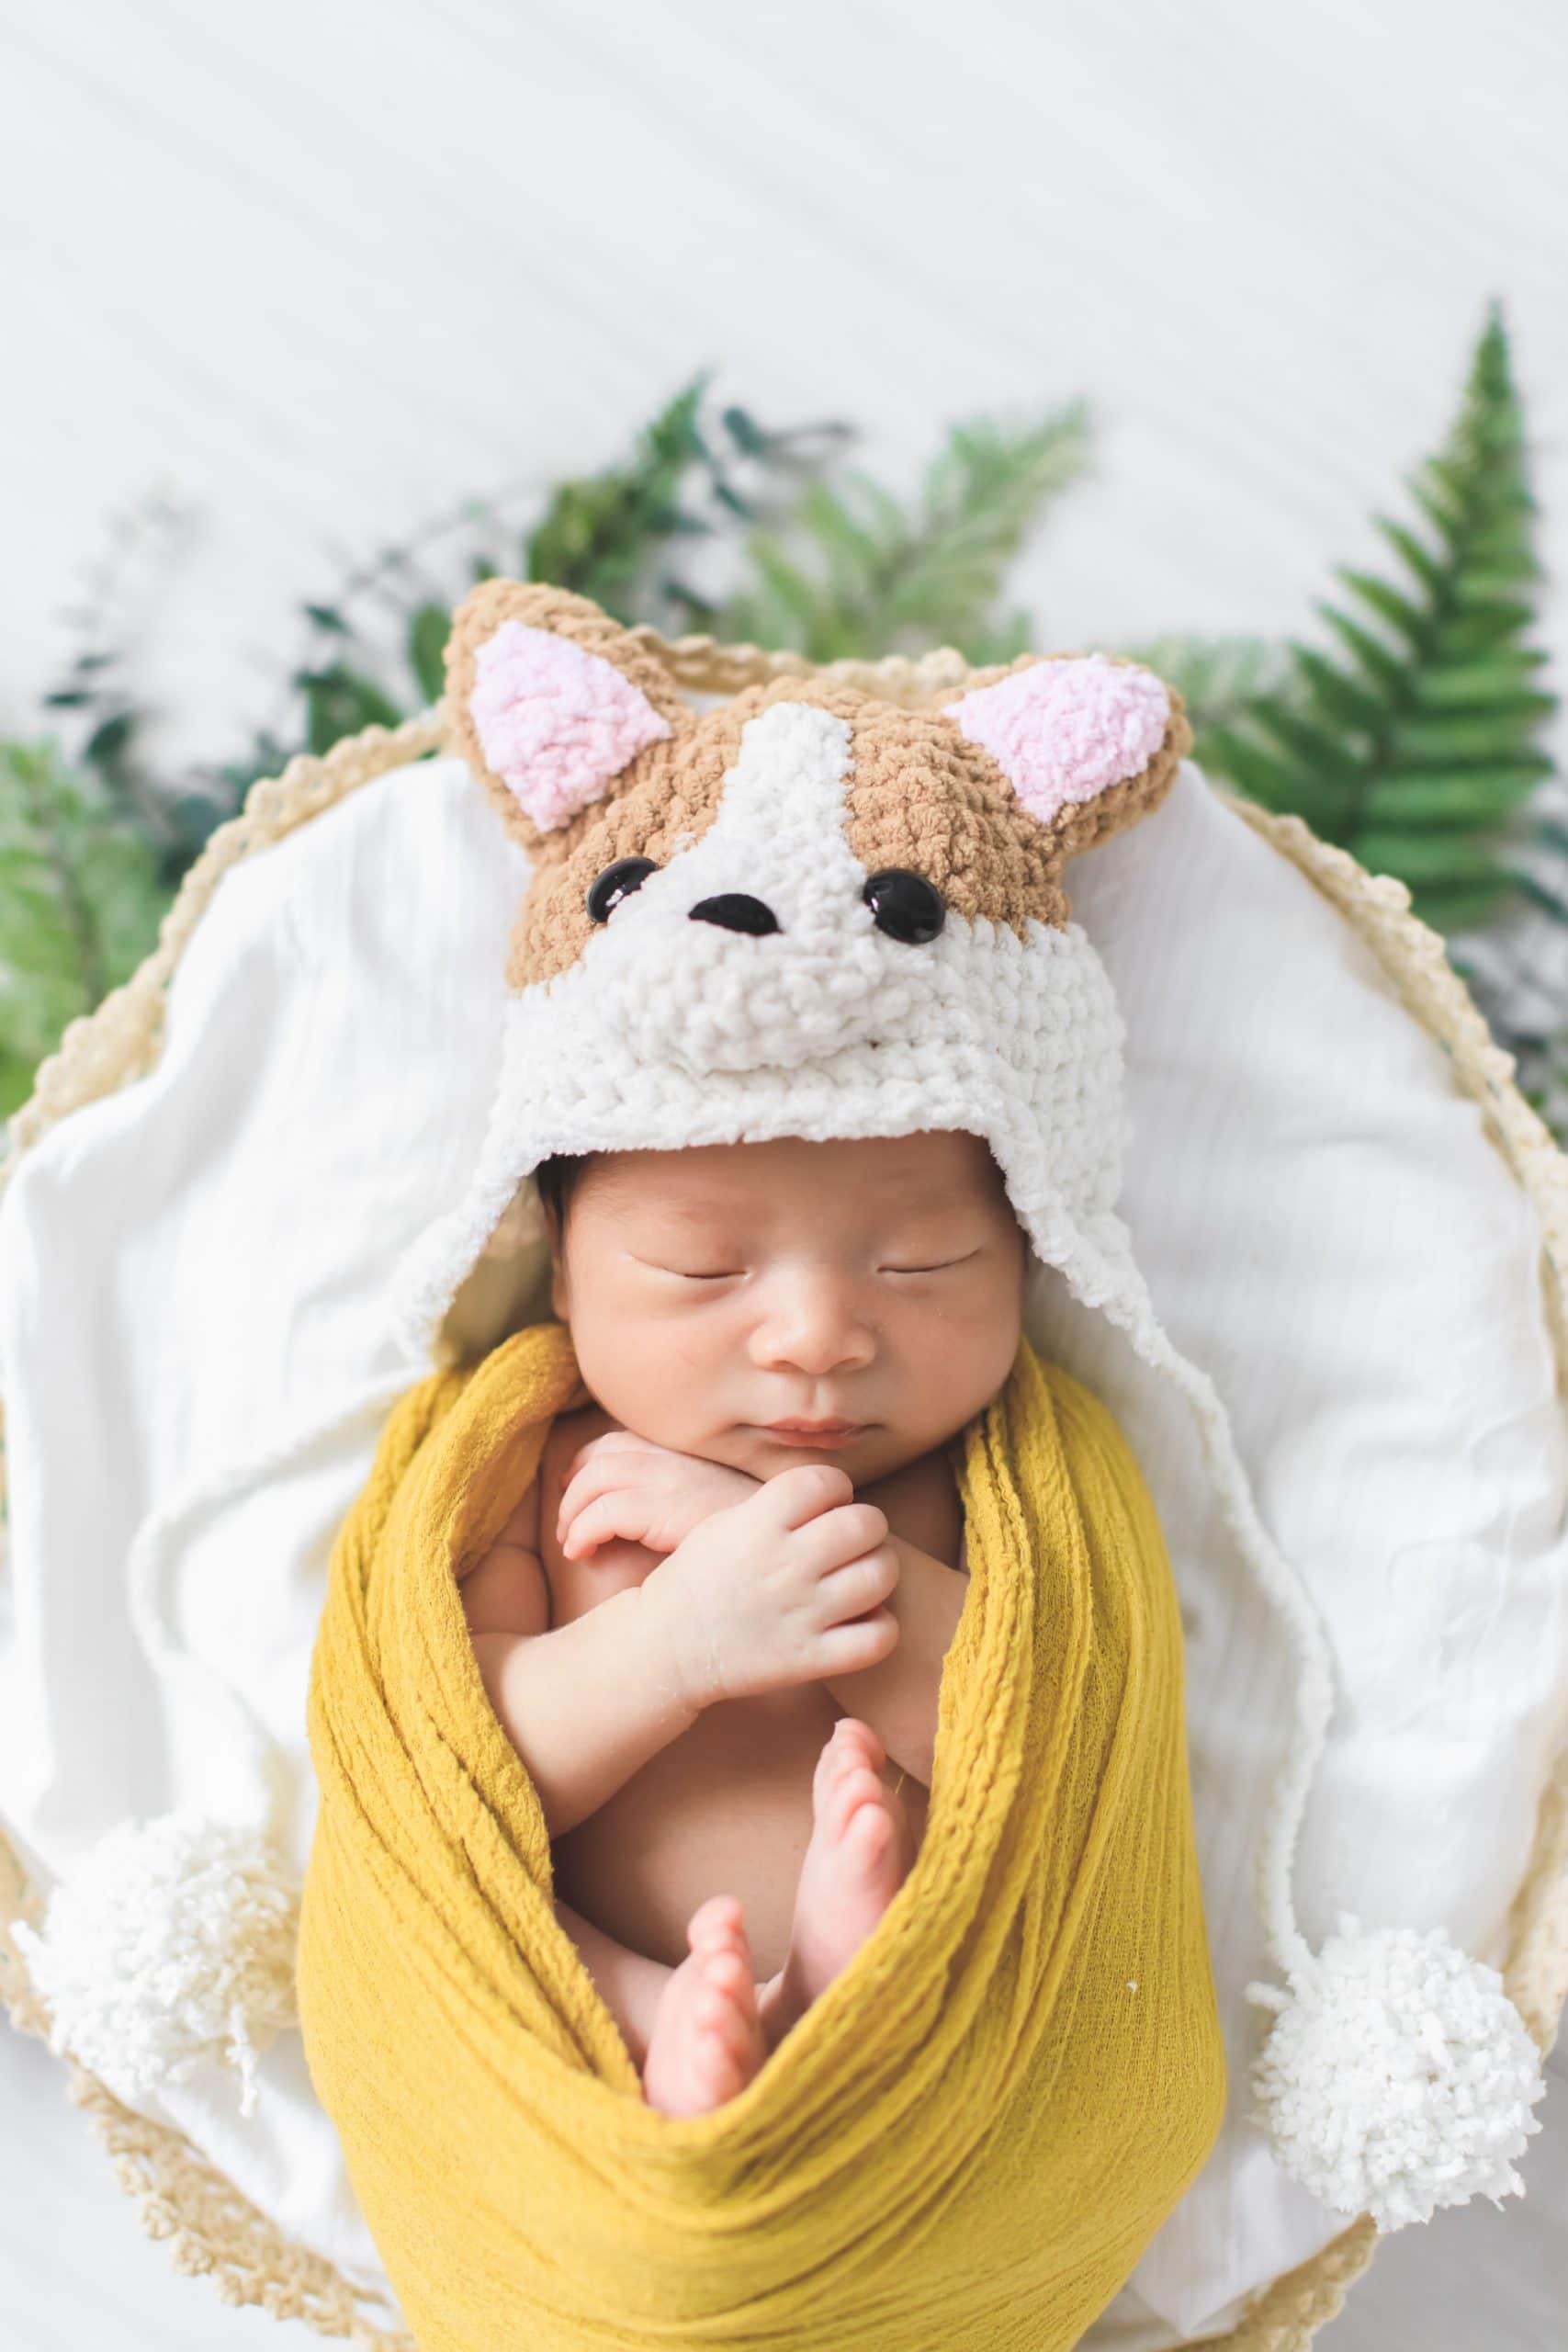 懷孕及初生嬰兒